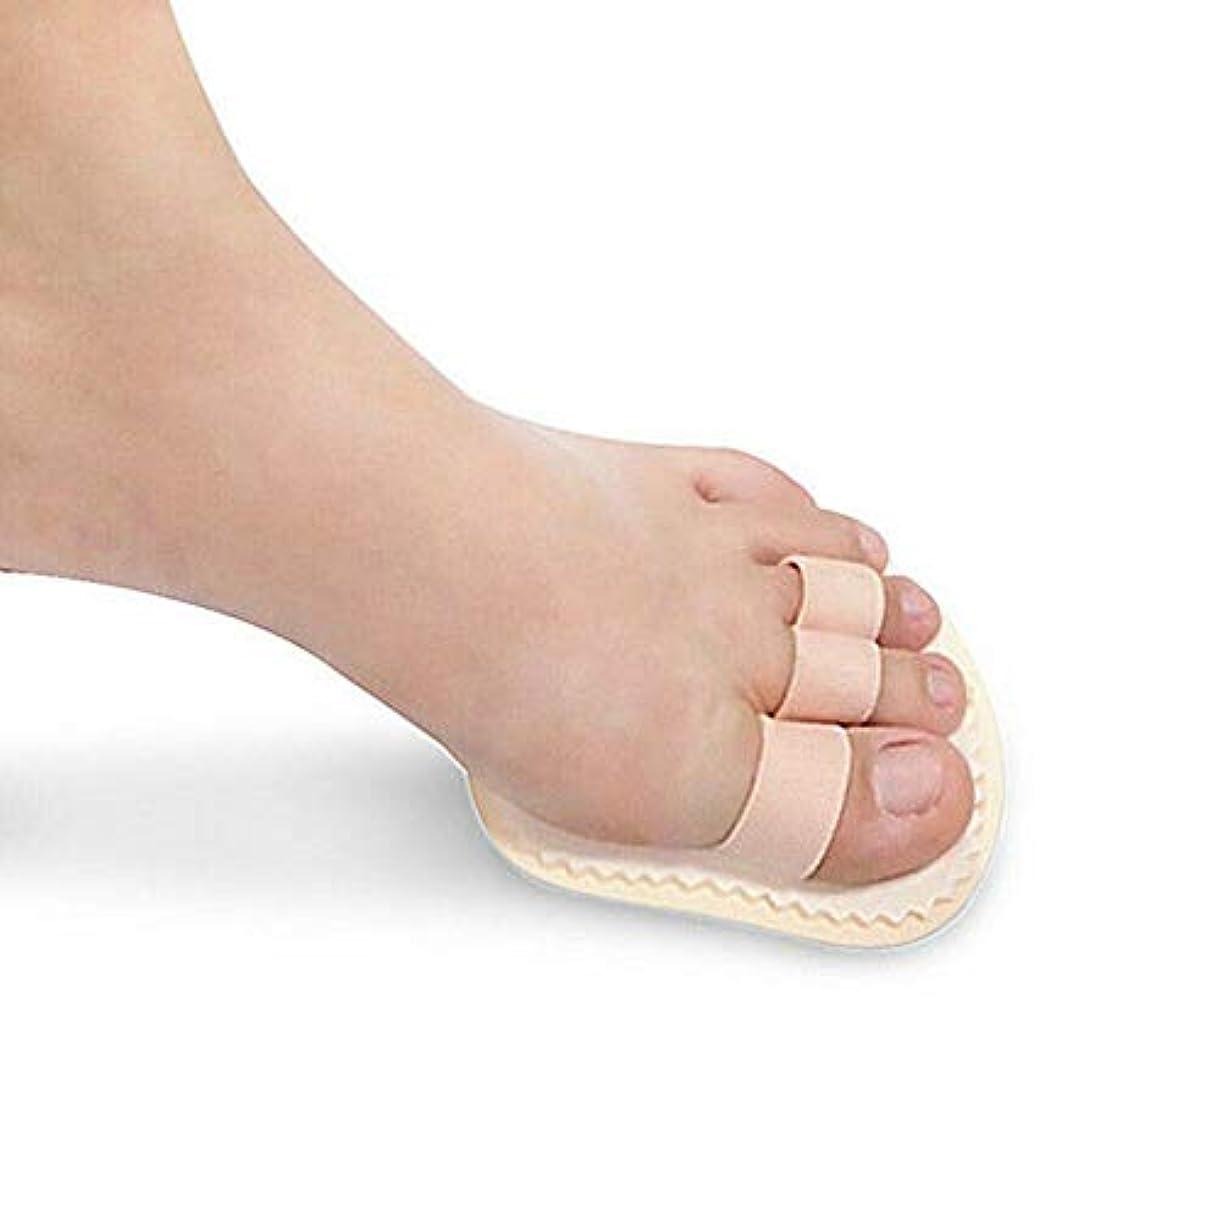 くつろぎ濃度構造つま先矯正 フットプロテクター フットケアツール 健康管理 腱膜瘤 痛みの緩和 (肌の色, 3爪先:9 * 10.8)